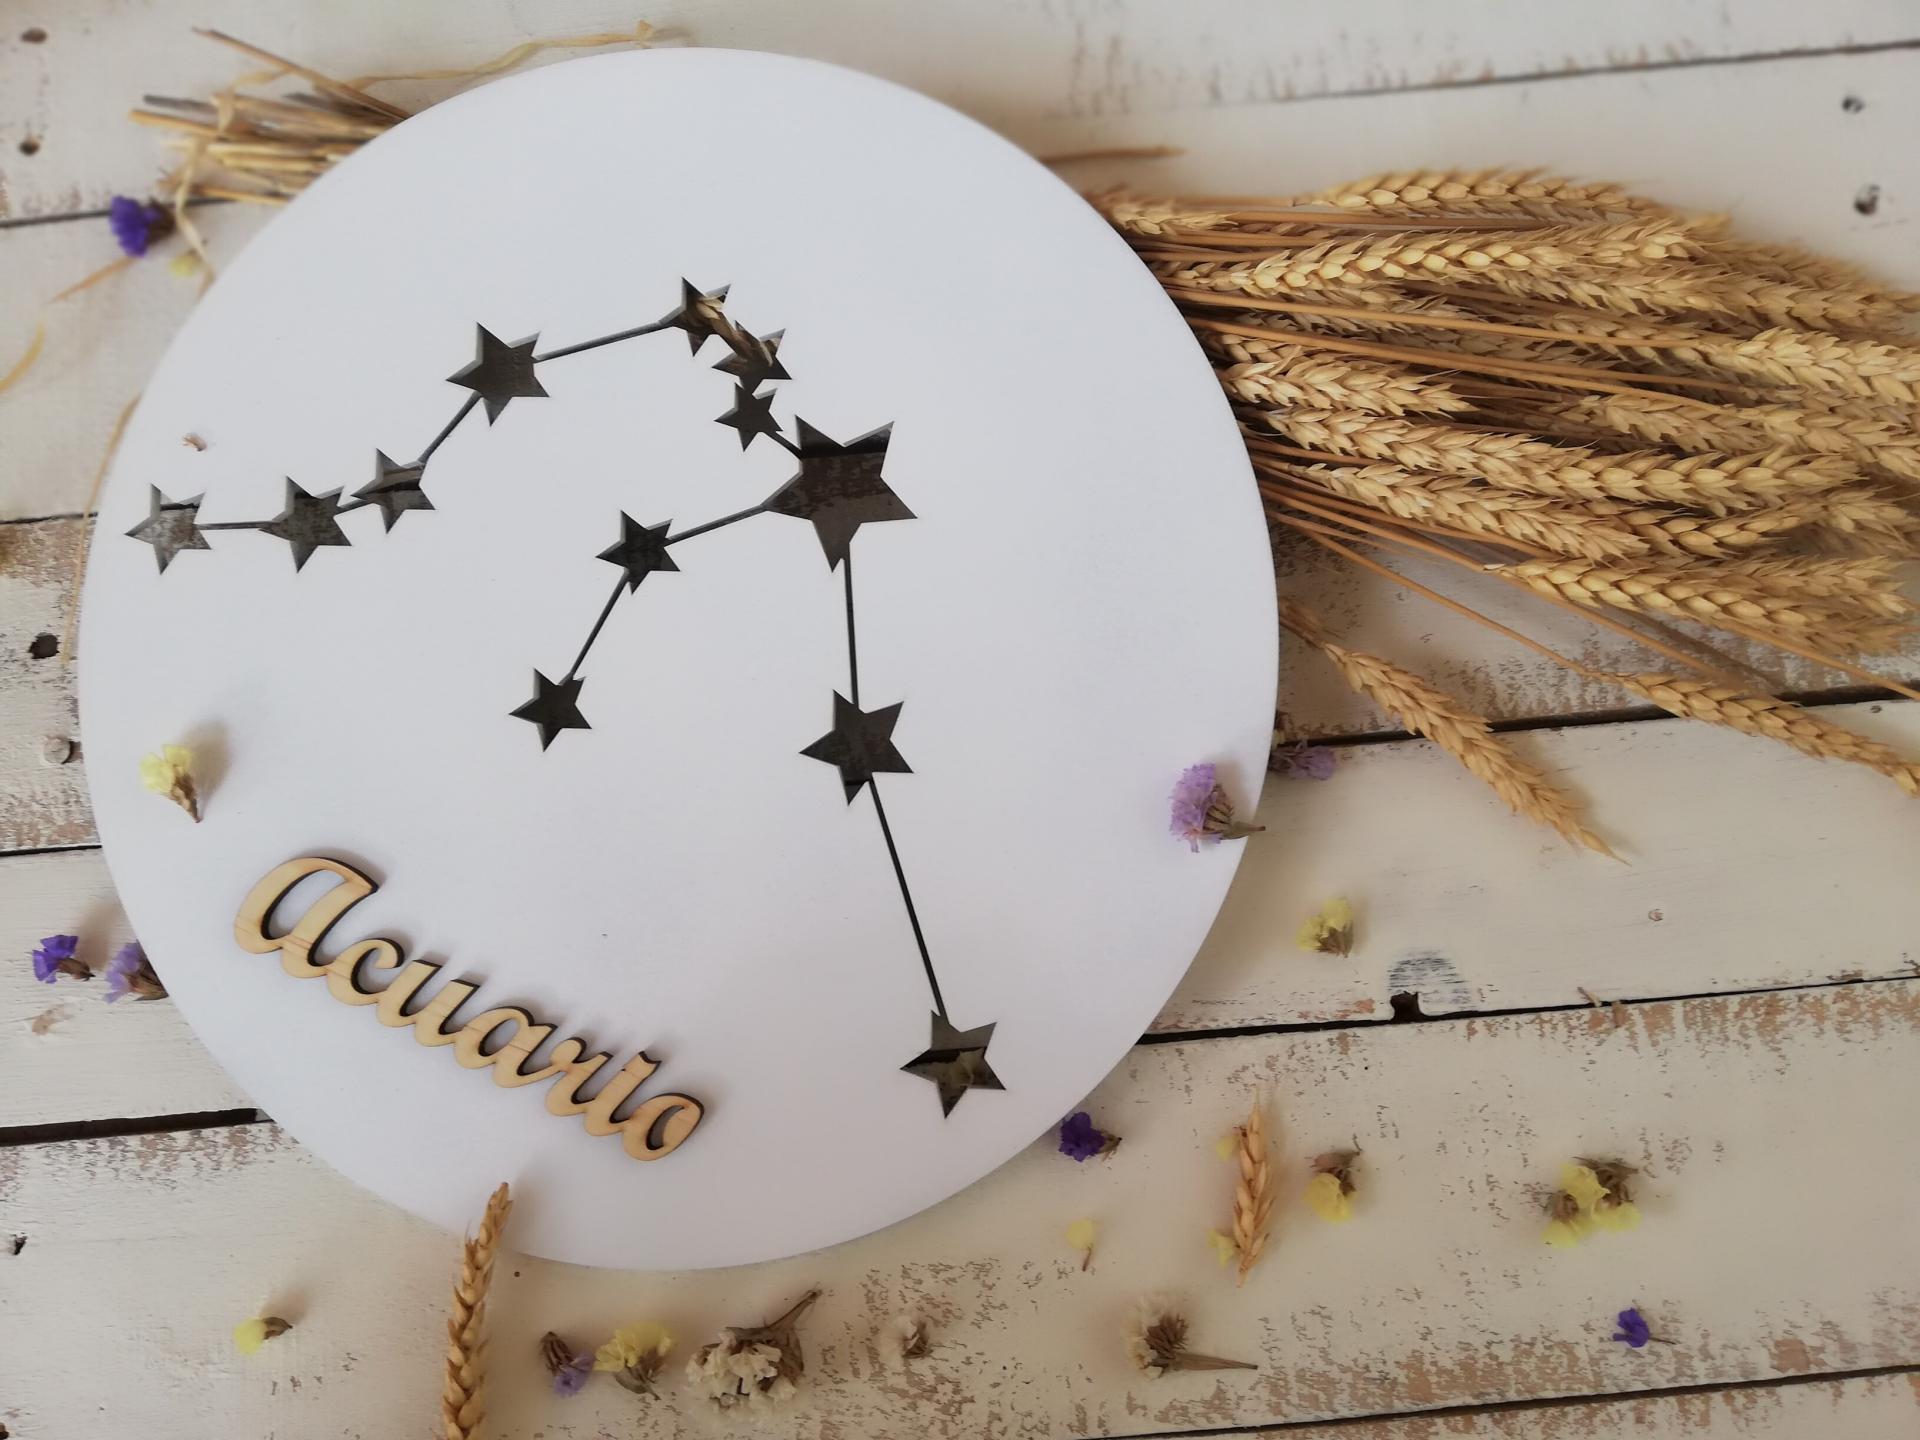 constelación decorativa